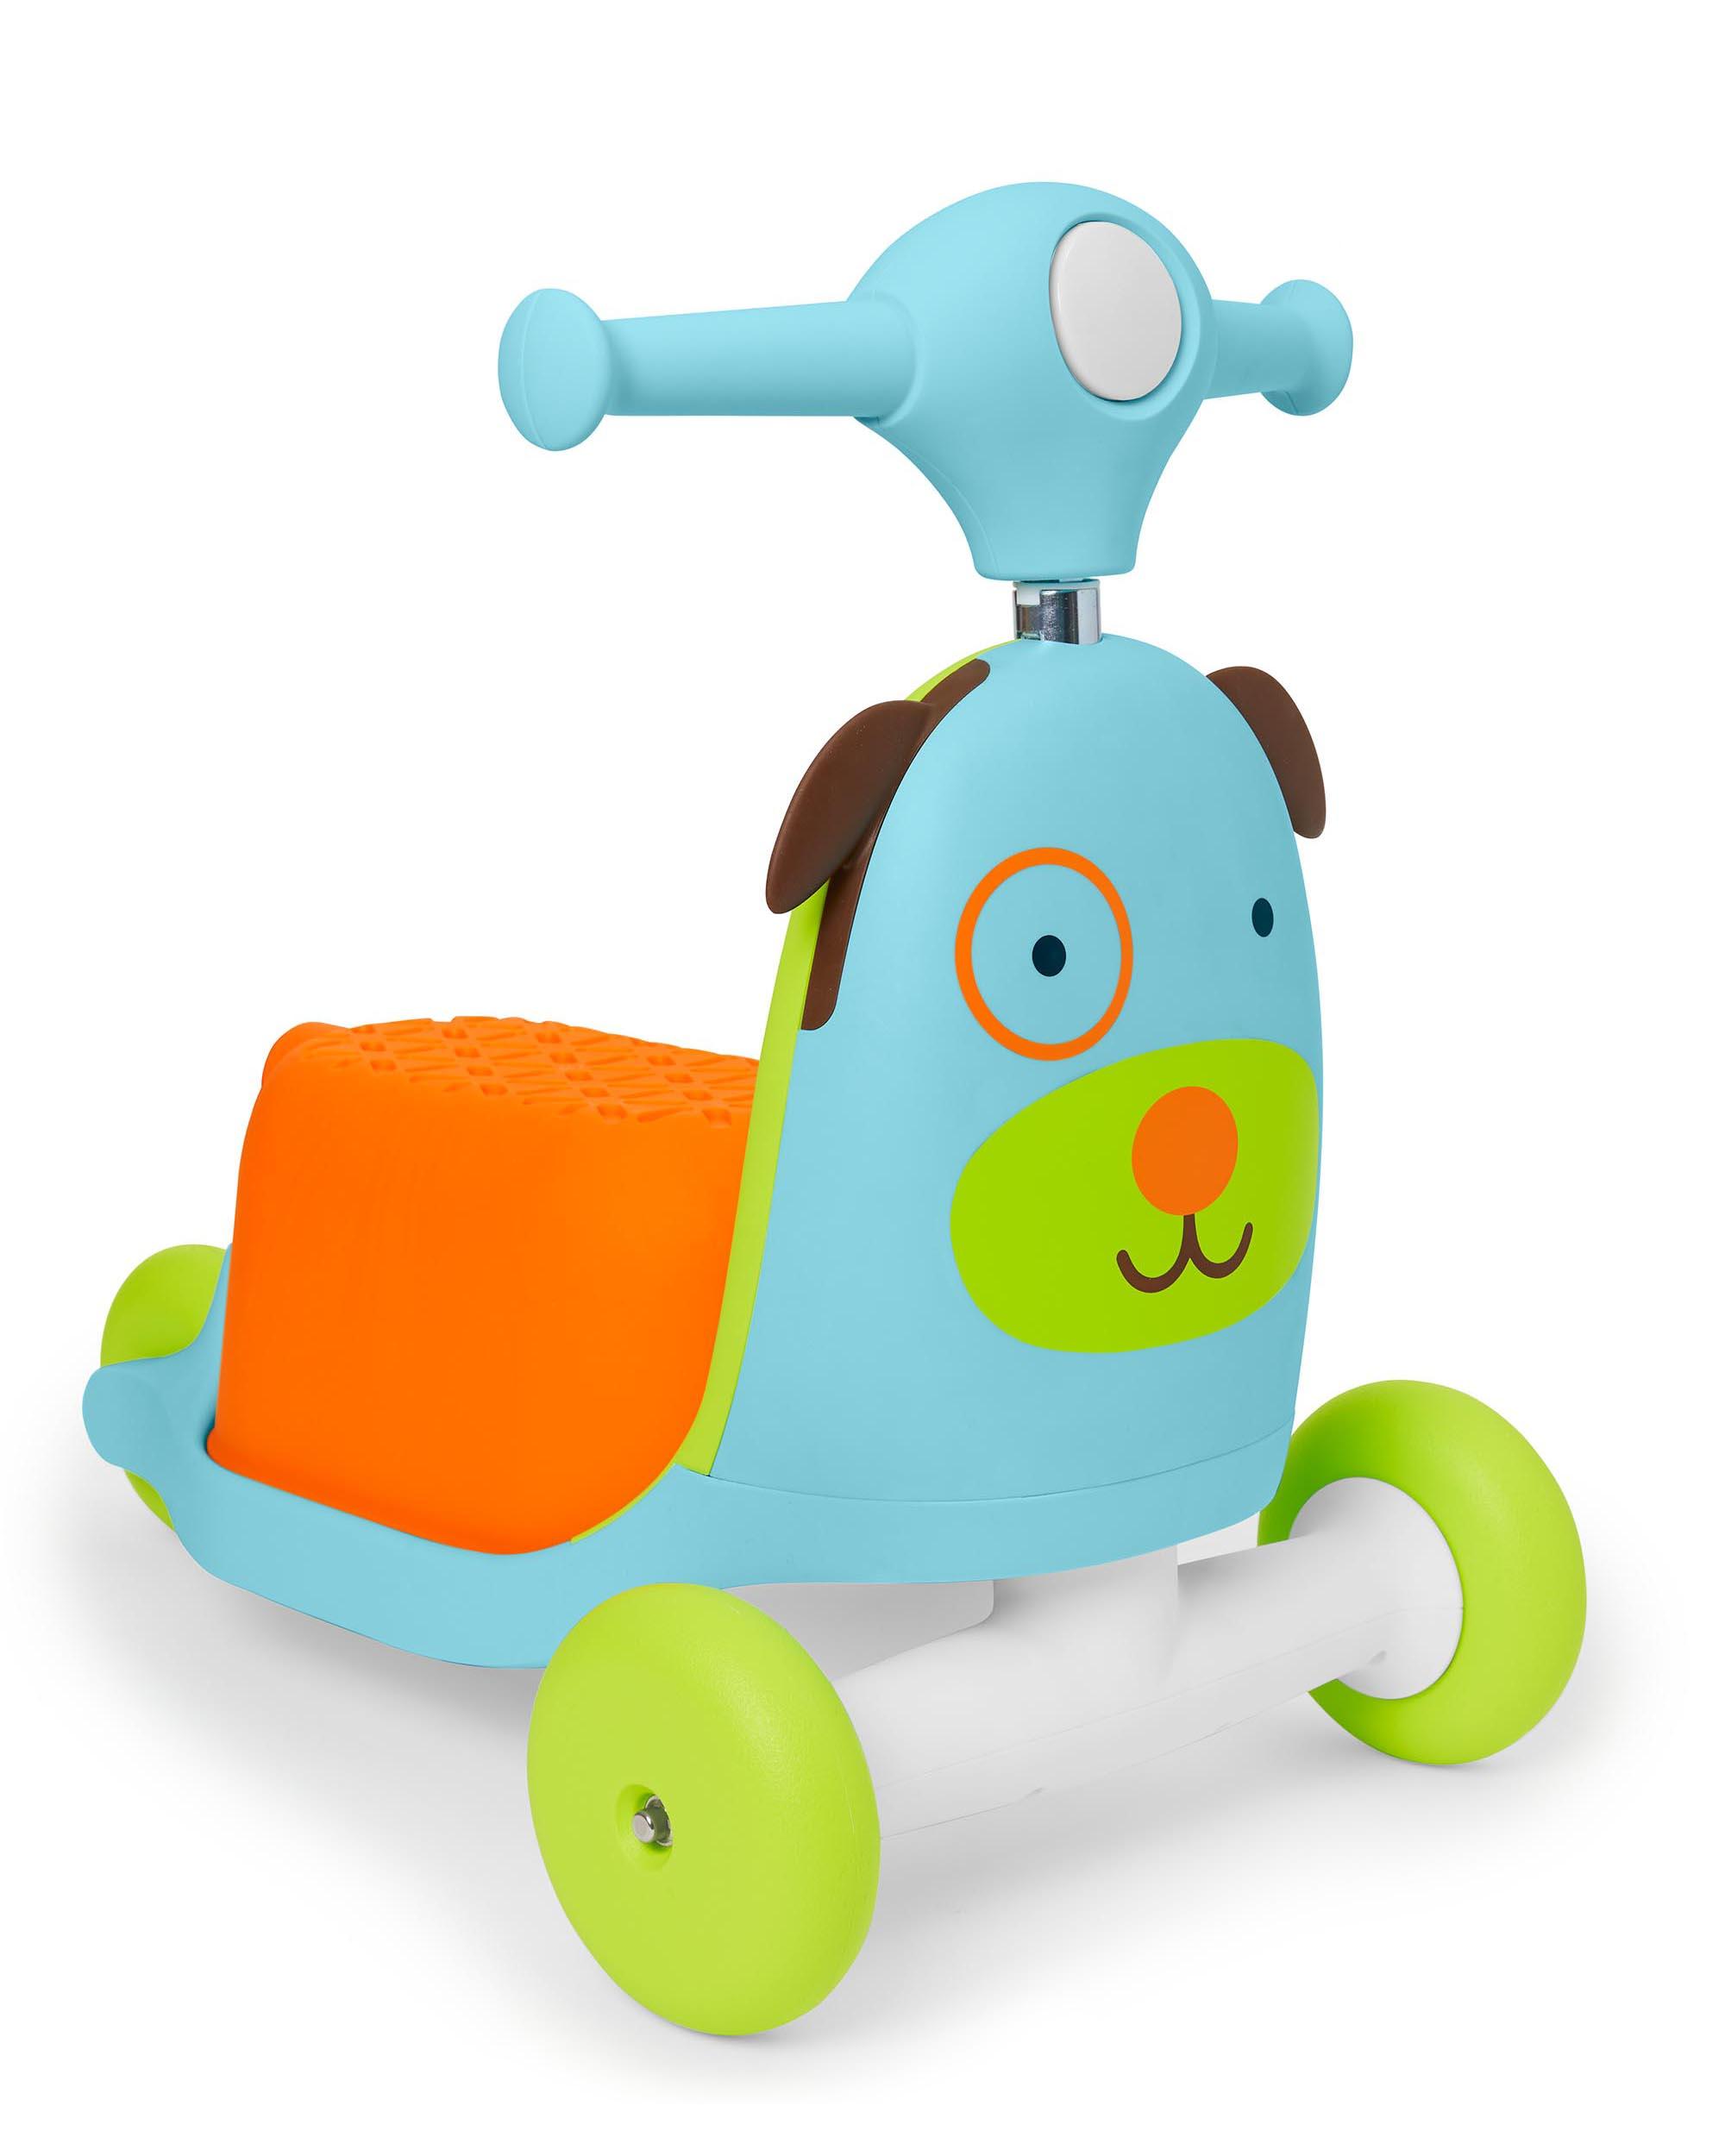 Oshkoshbgosh Zoo 3-in-1 Ride On Toy